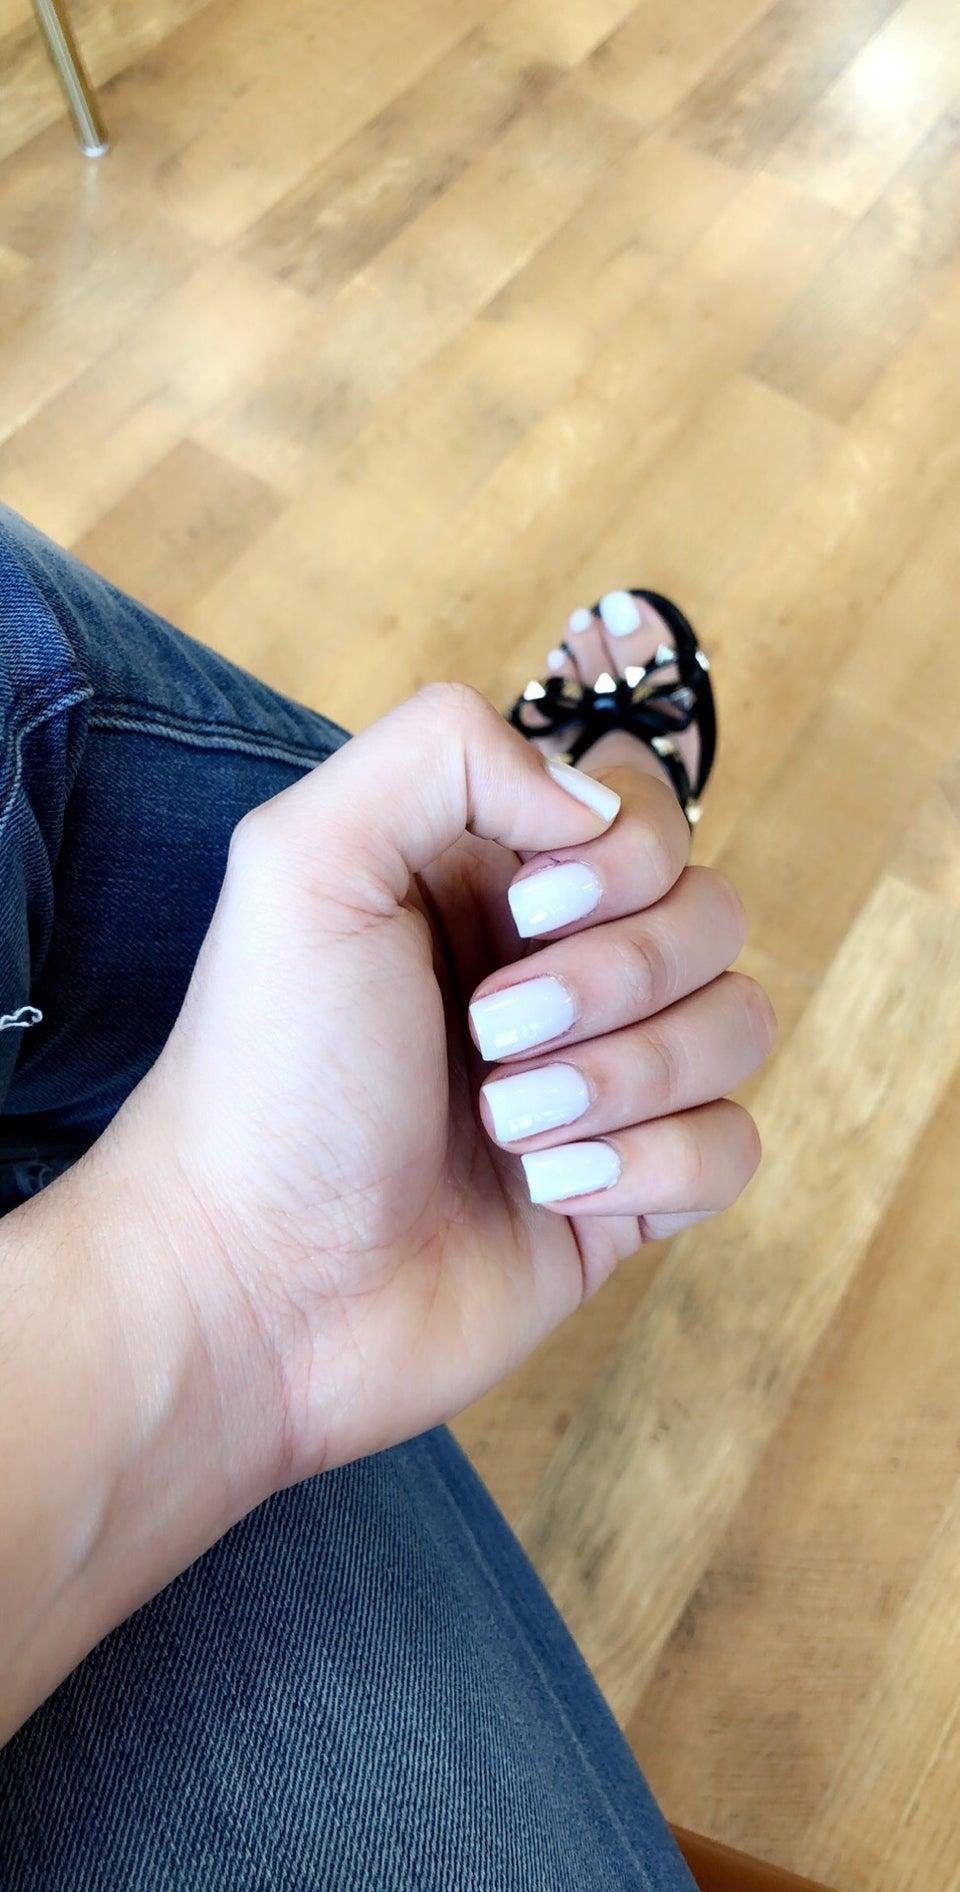 3D Nails Spa